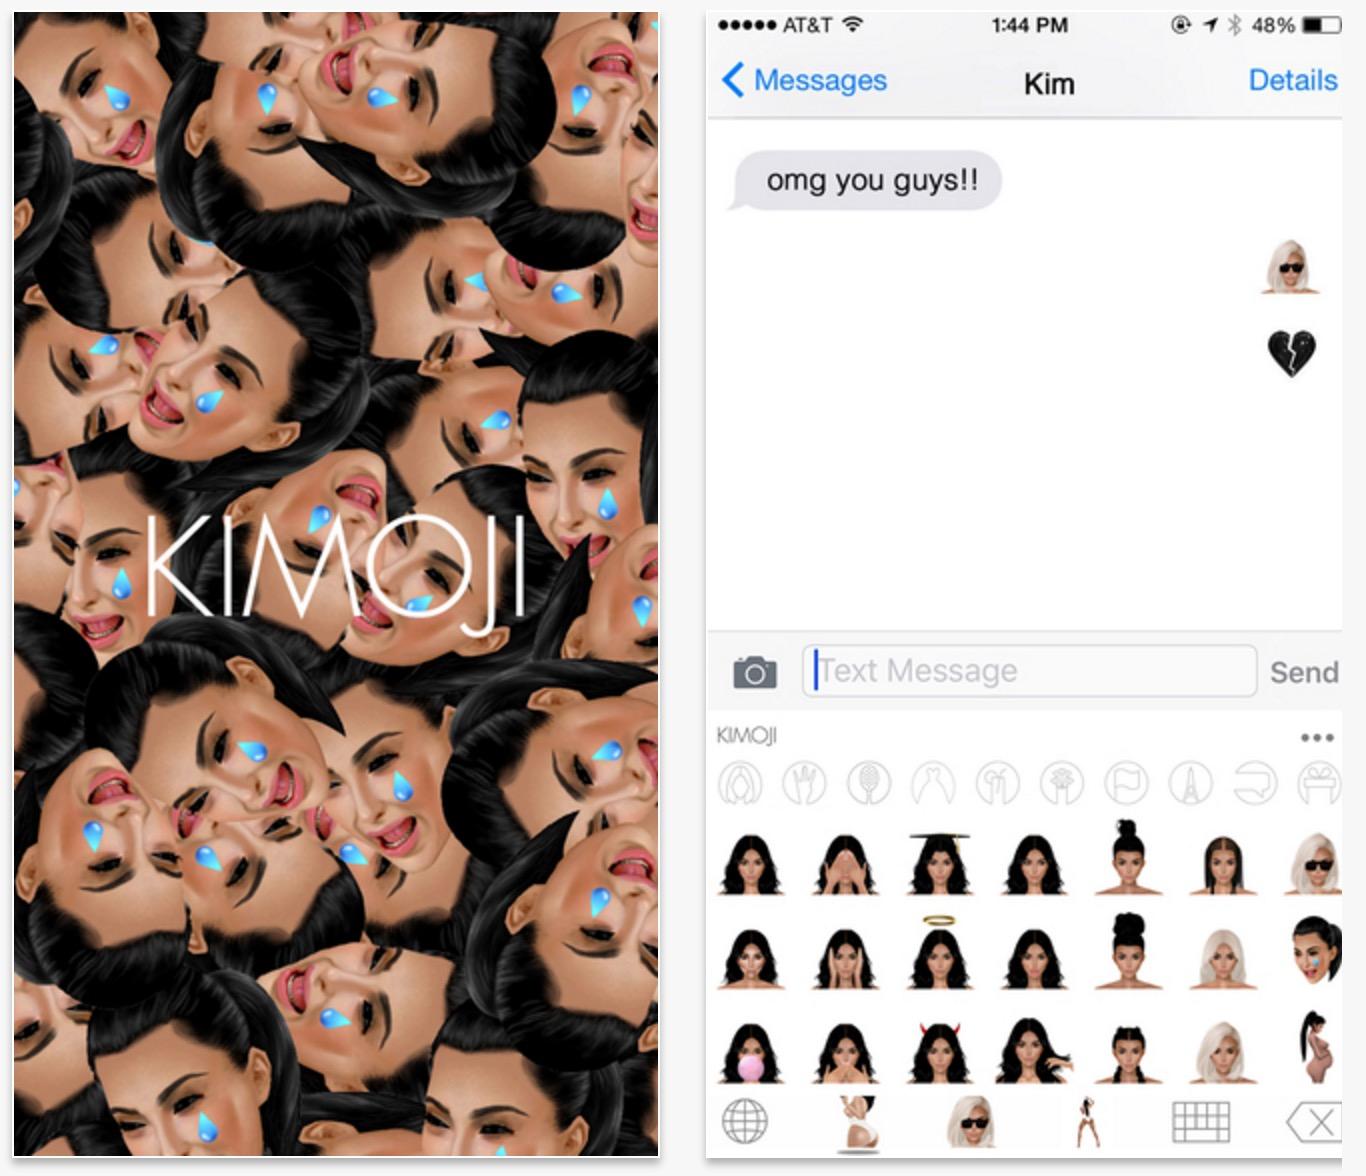 Den nya sommaren Kimoji lägger till över 100 Kardashian emoji och 19 gifs för 99 cent.